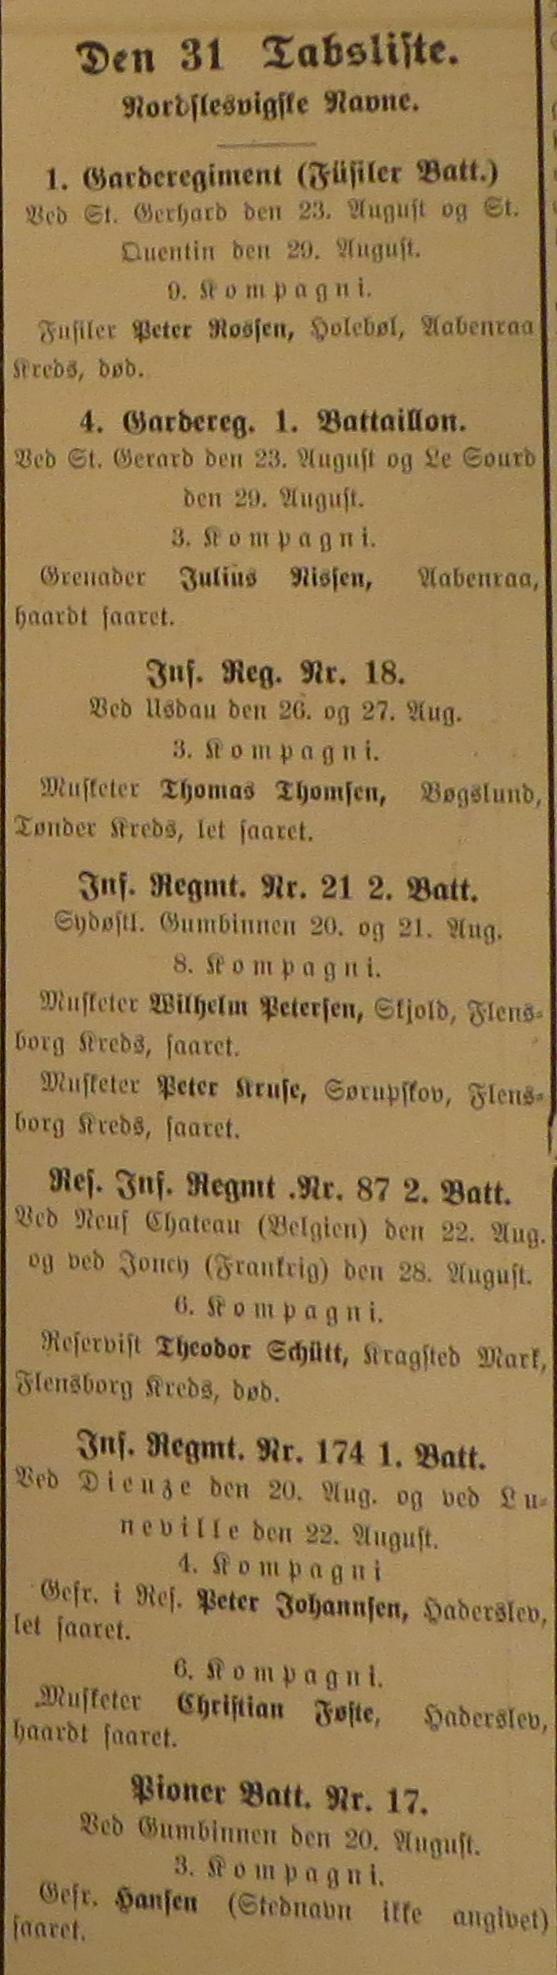 24. september 1914. 31. tabsliste – nordslesvigske navne